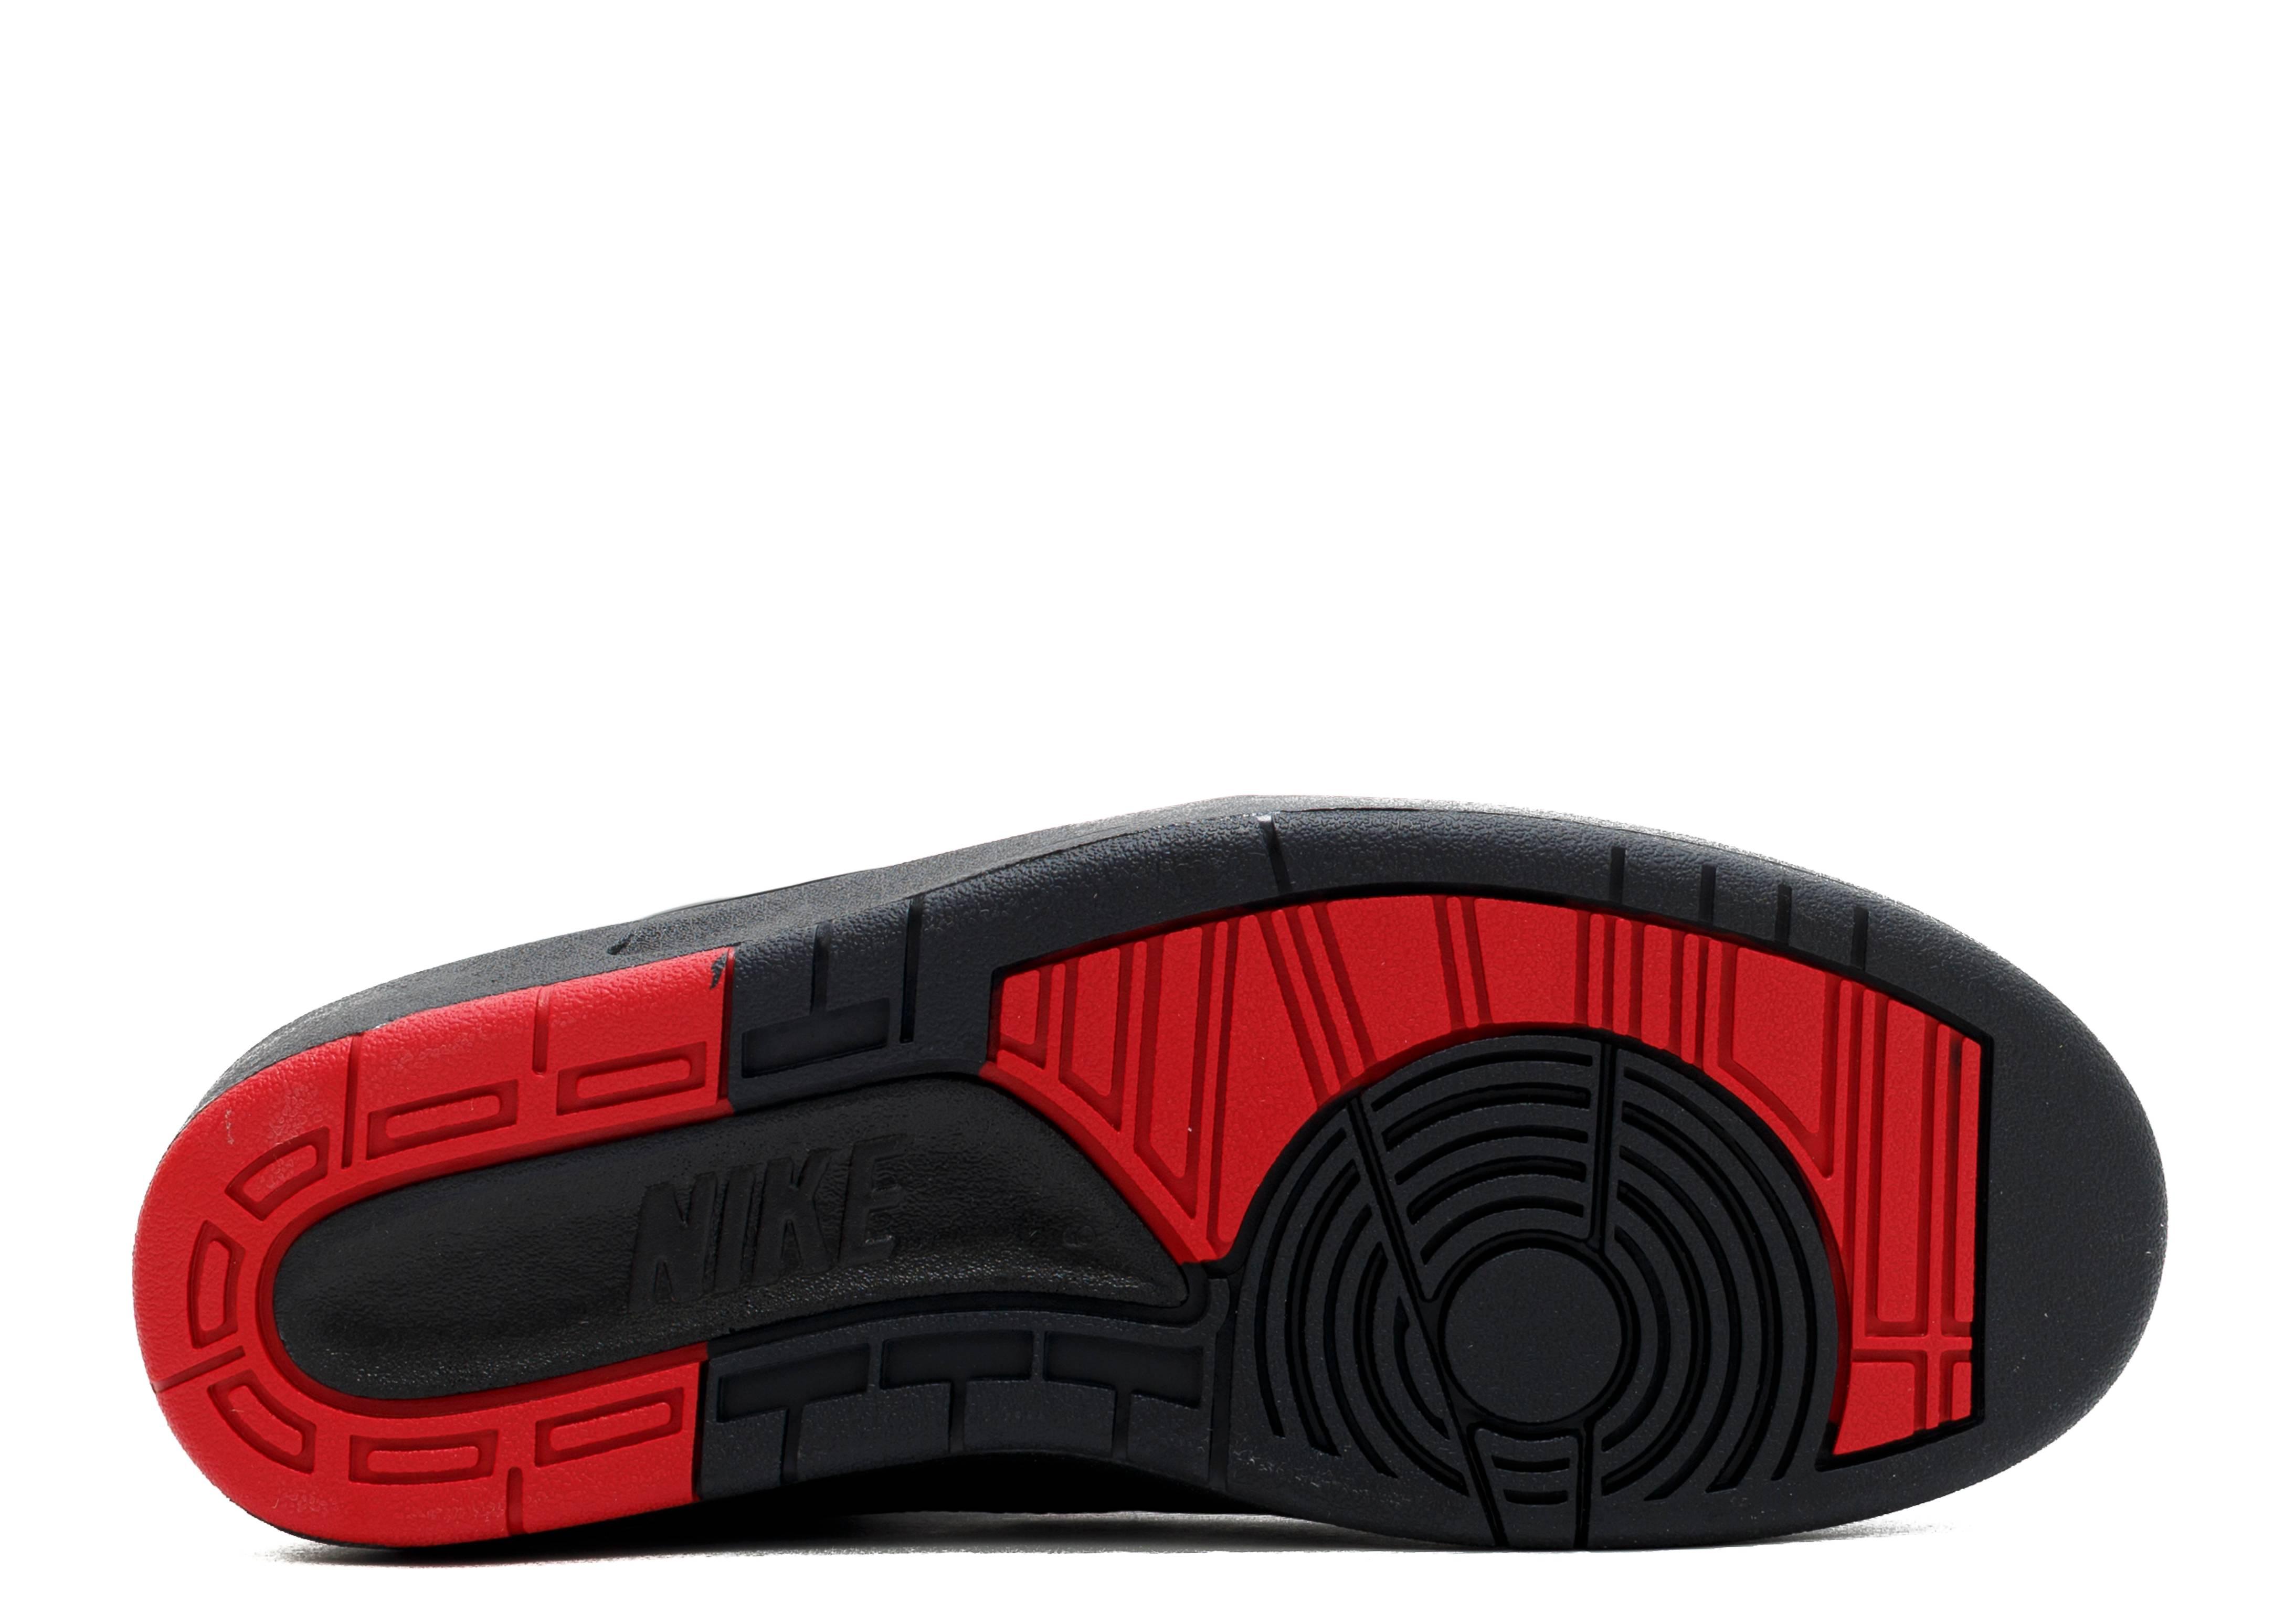 online retailer a0773 4051c ... air jordan 2 retro ... hot damen schuhe adidas zx flux w schuhgrößen ...